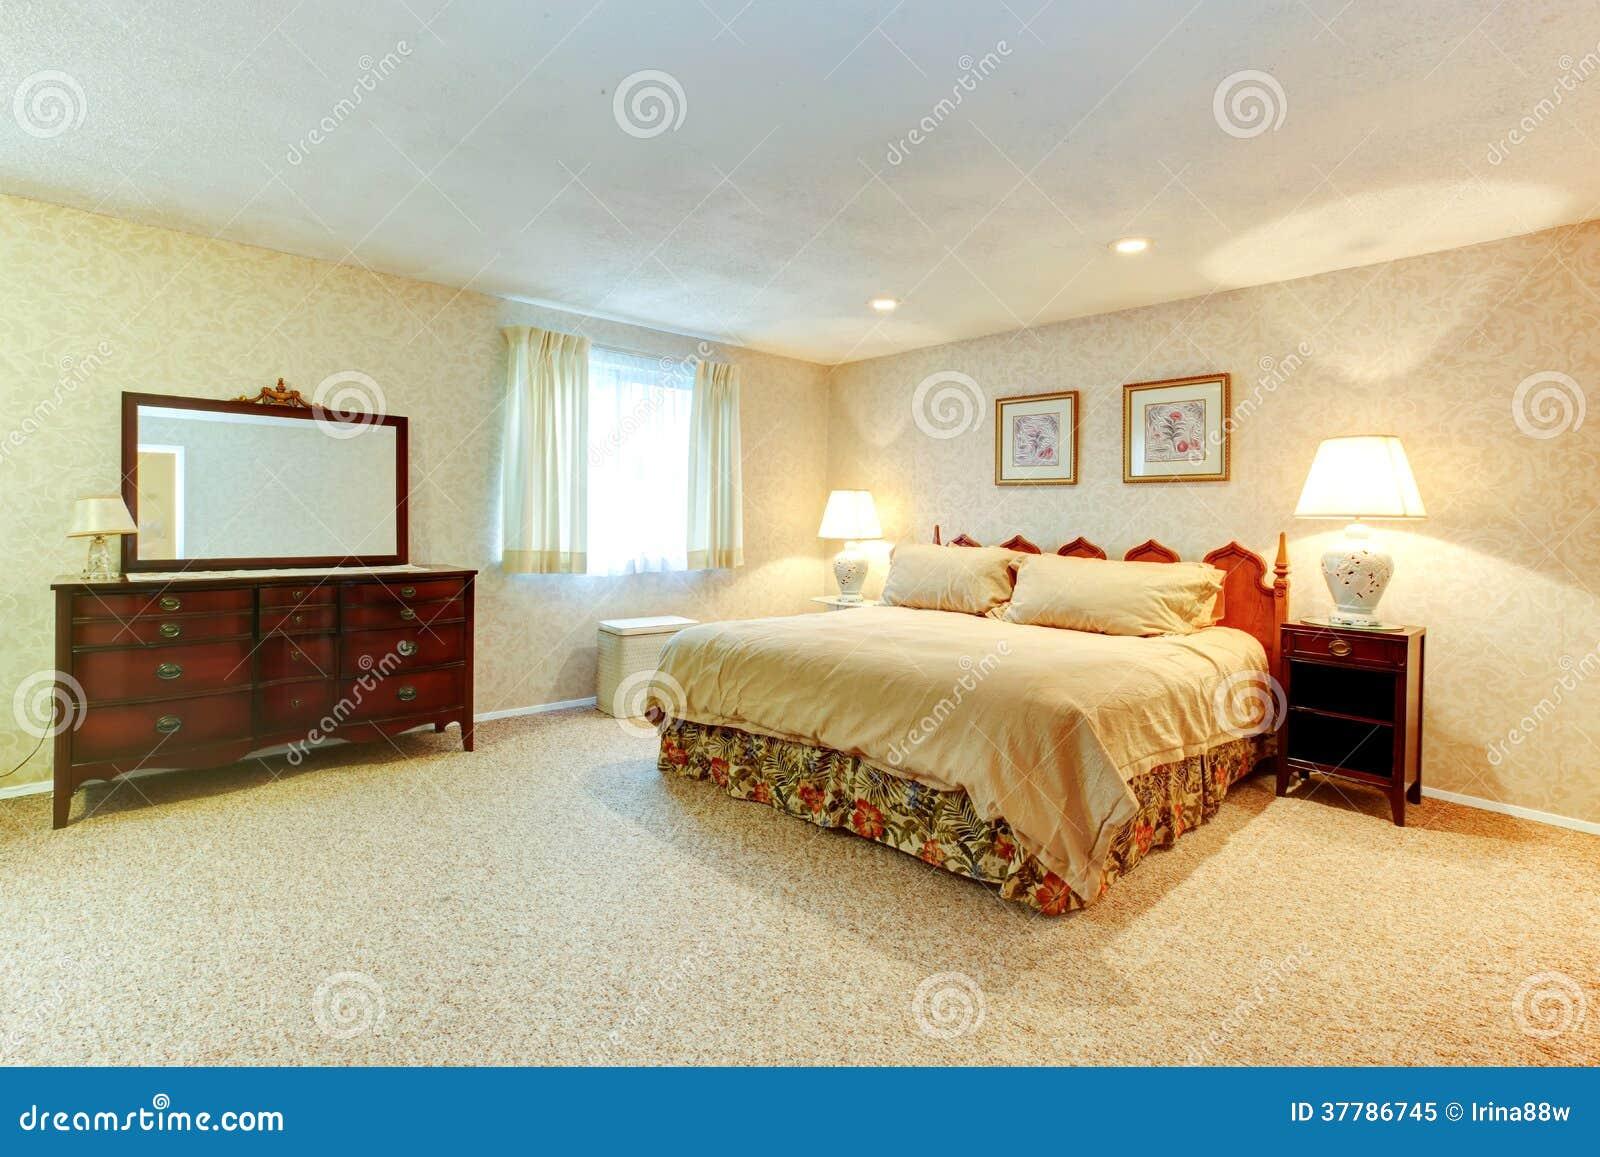 Dormitorio suave de los colores con muebles antiguos foto - Muebles de dormitorio antiguos ...